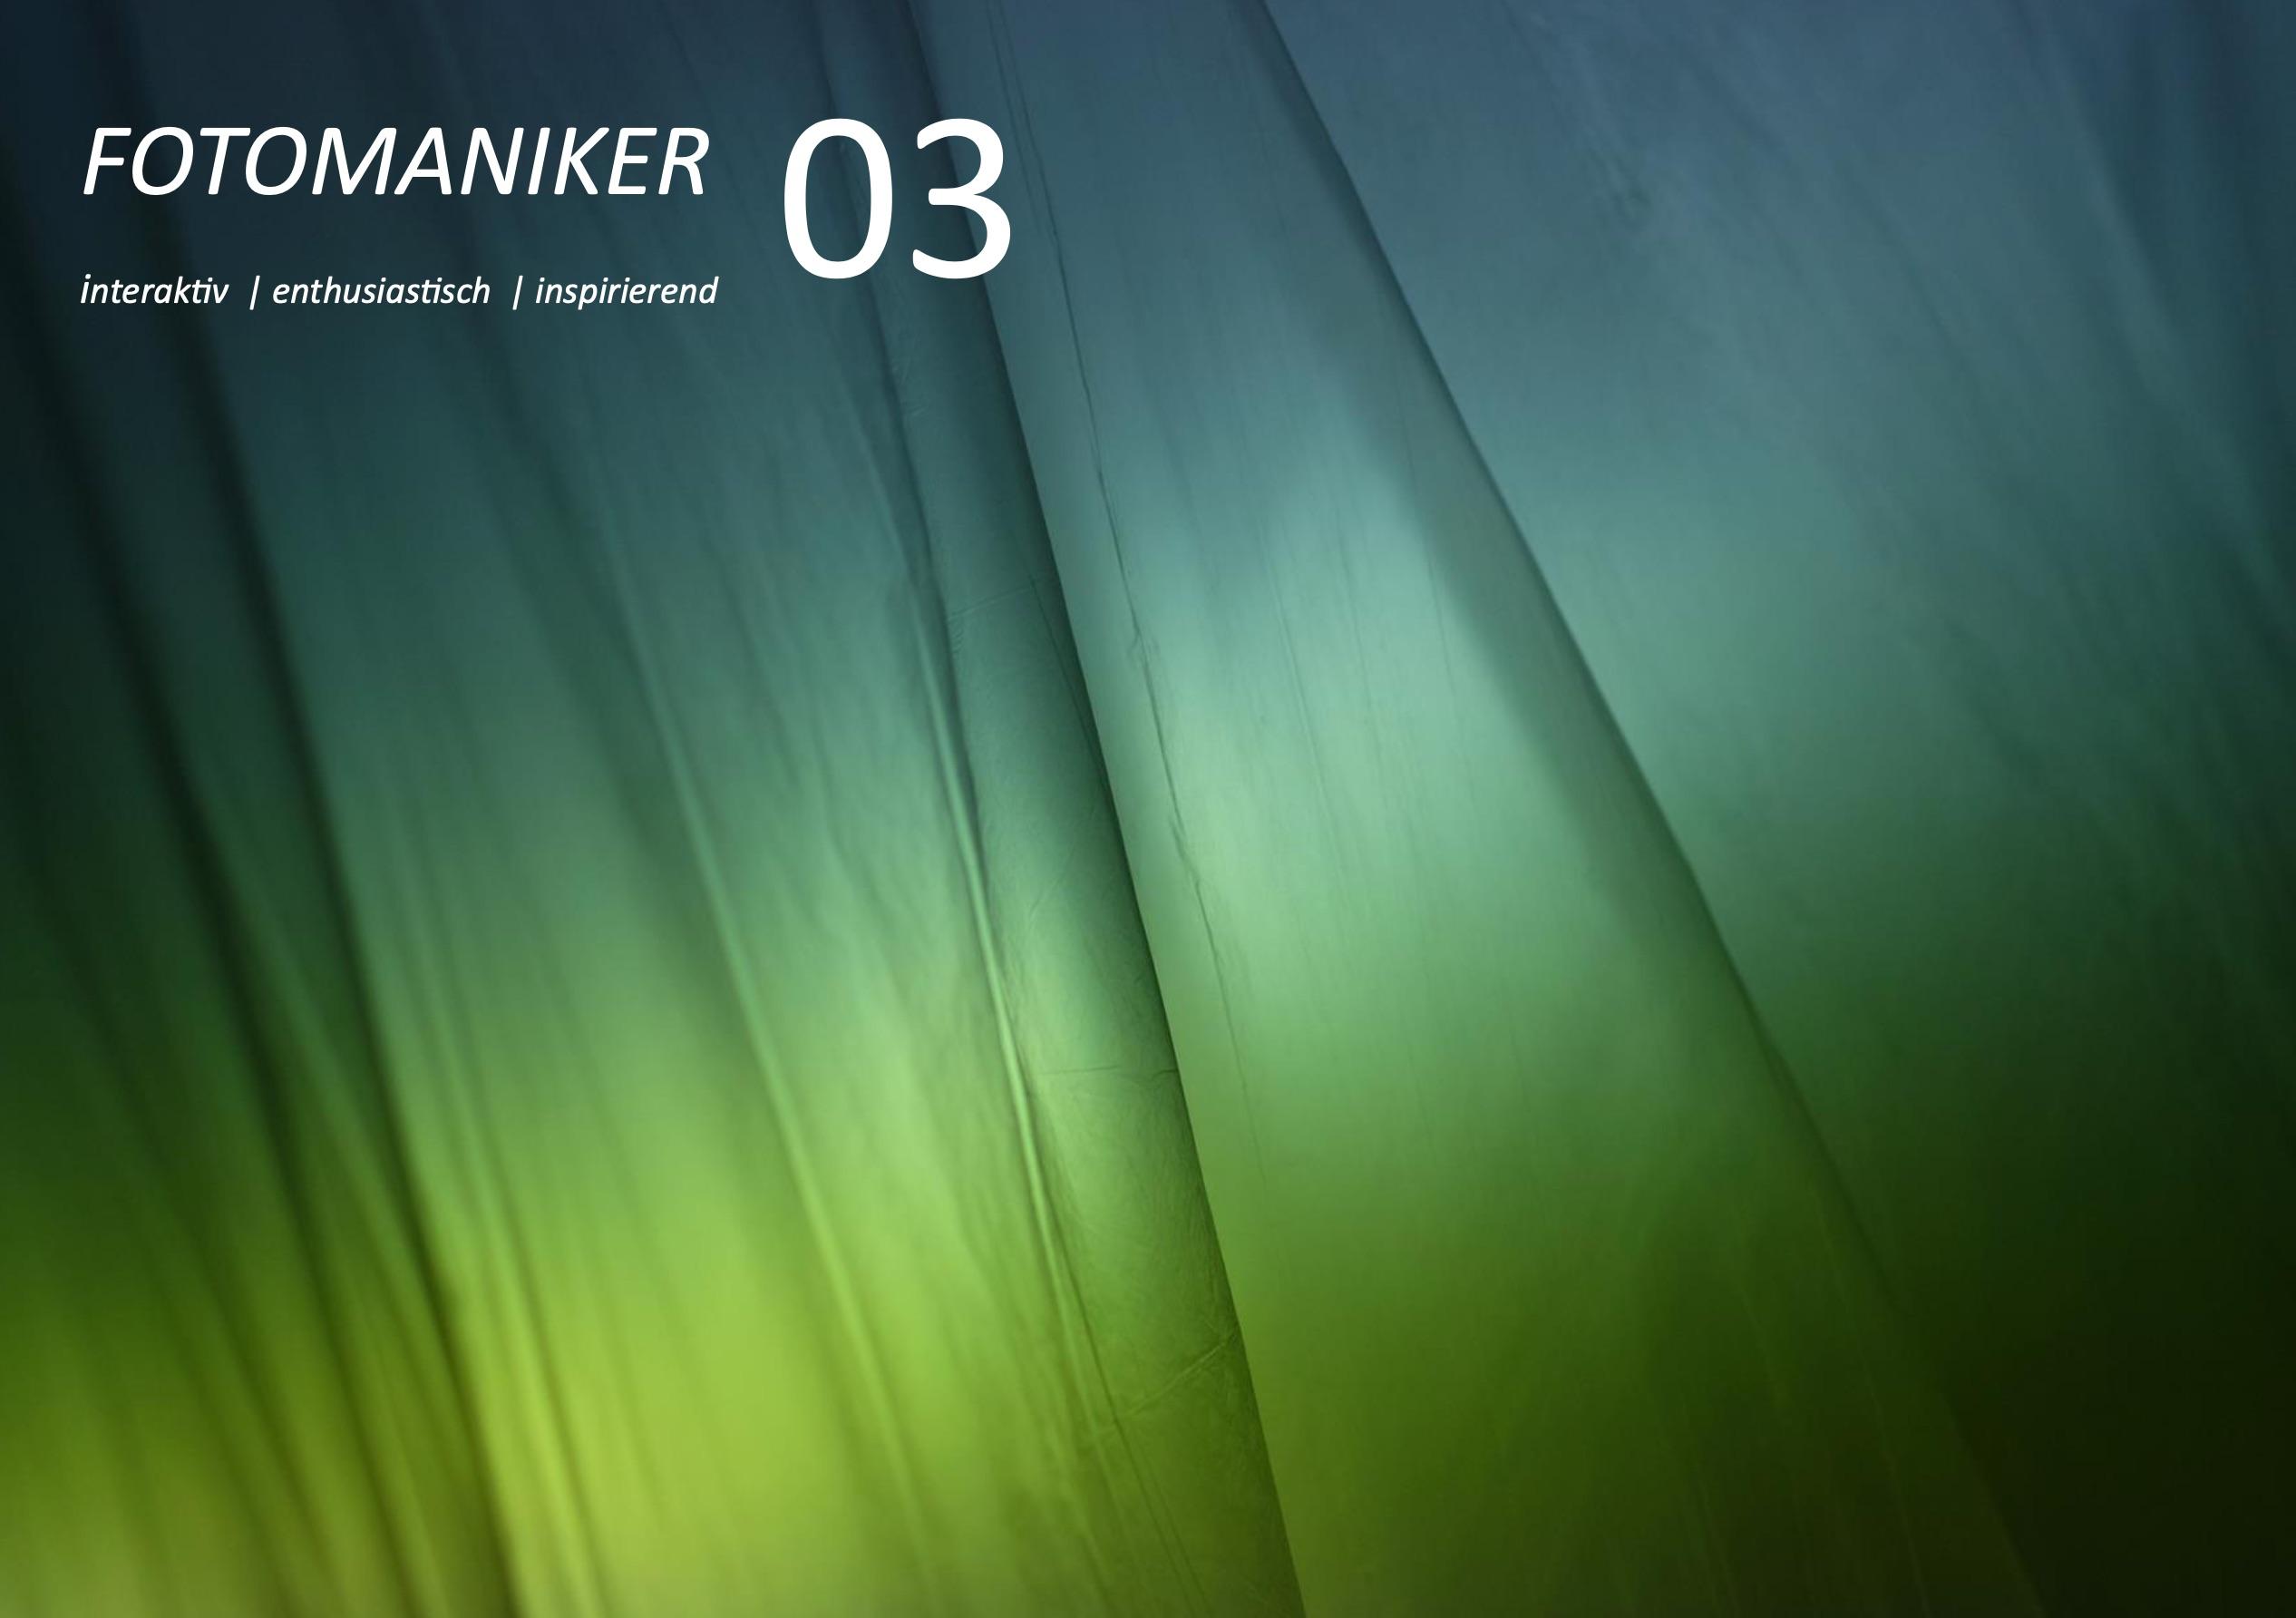 FOTOMANIKER 03